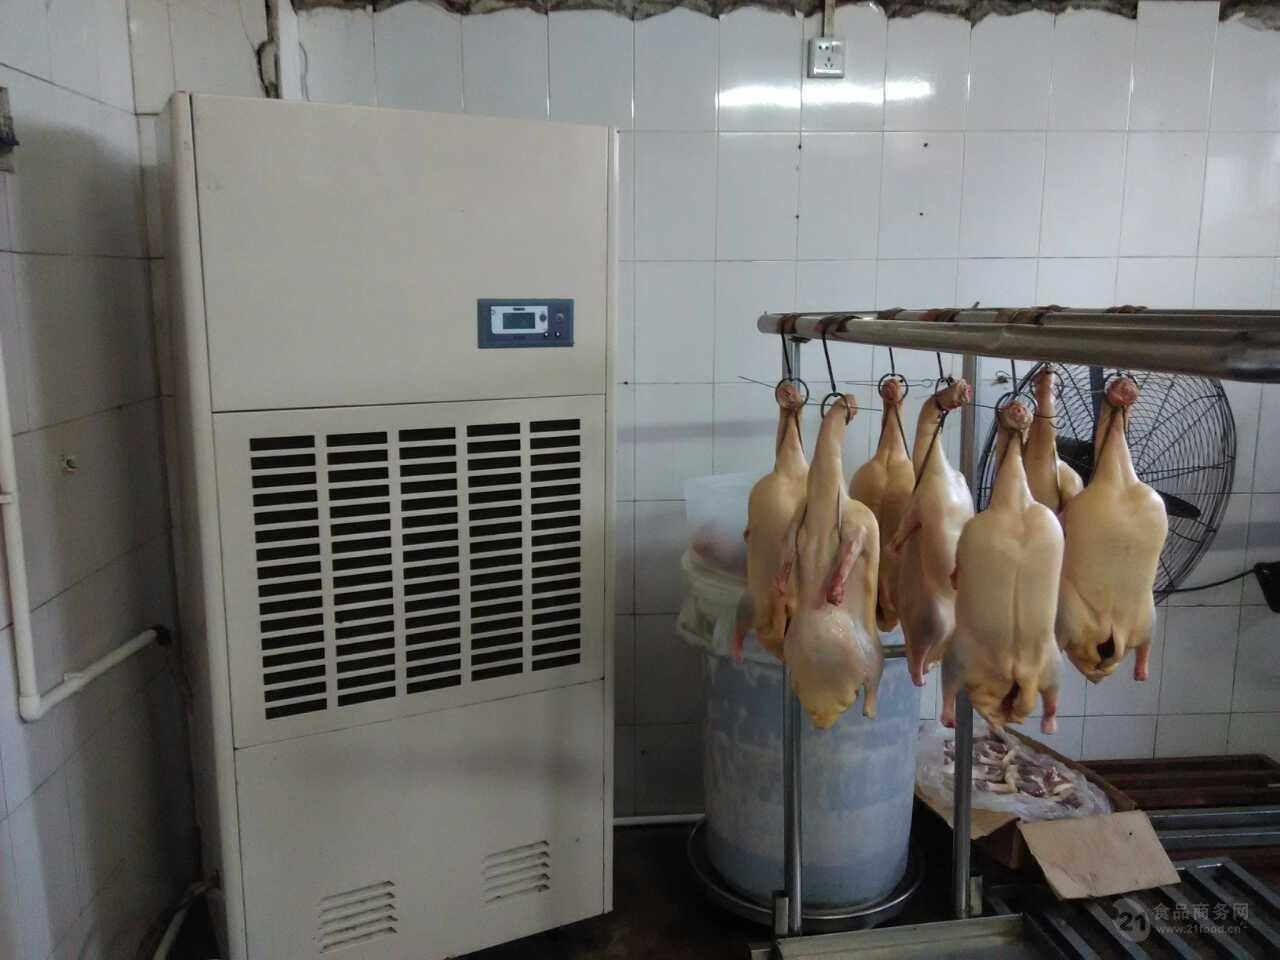 烤鸭晾干房用除湿机